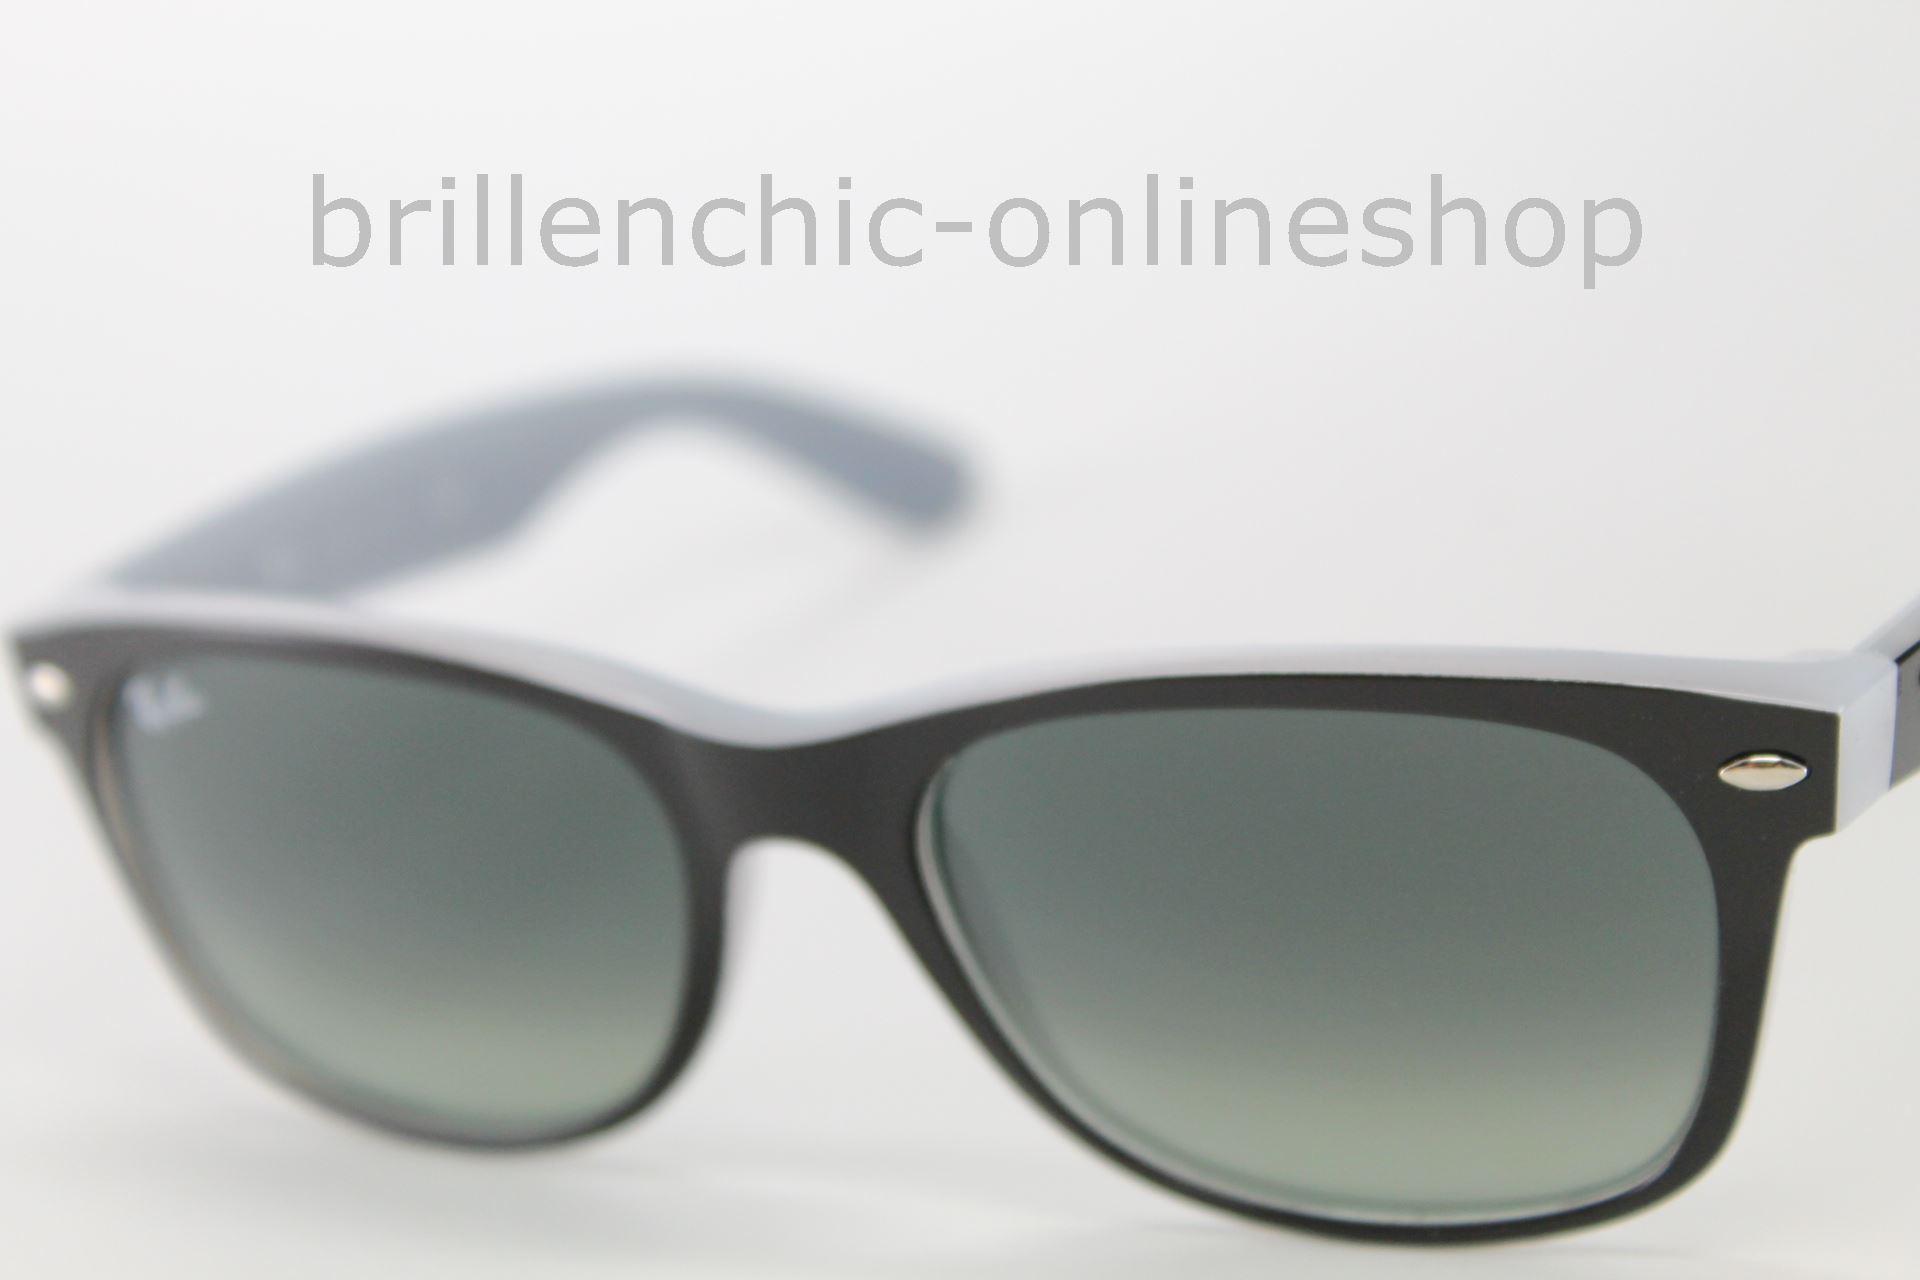 d530c6d378 Brillenchic - onlineshop Berlin Ihr starker Partner für exklusive ...